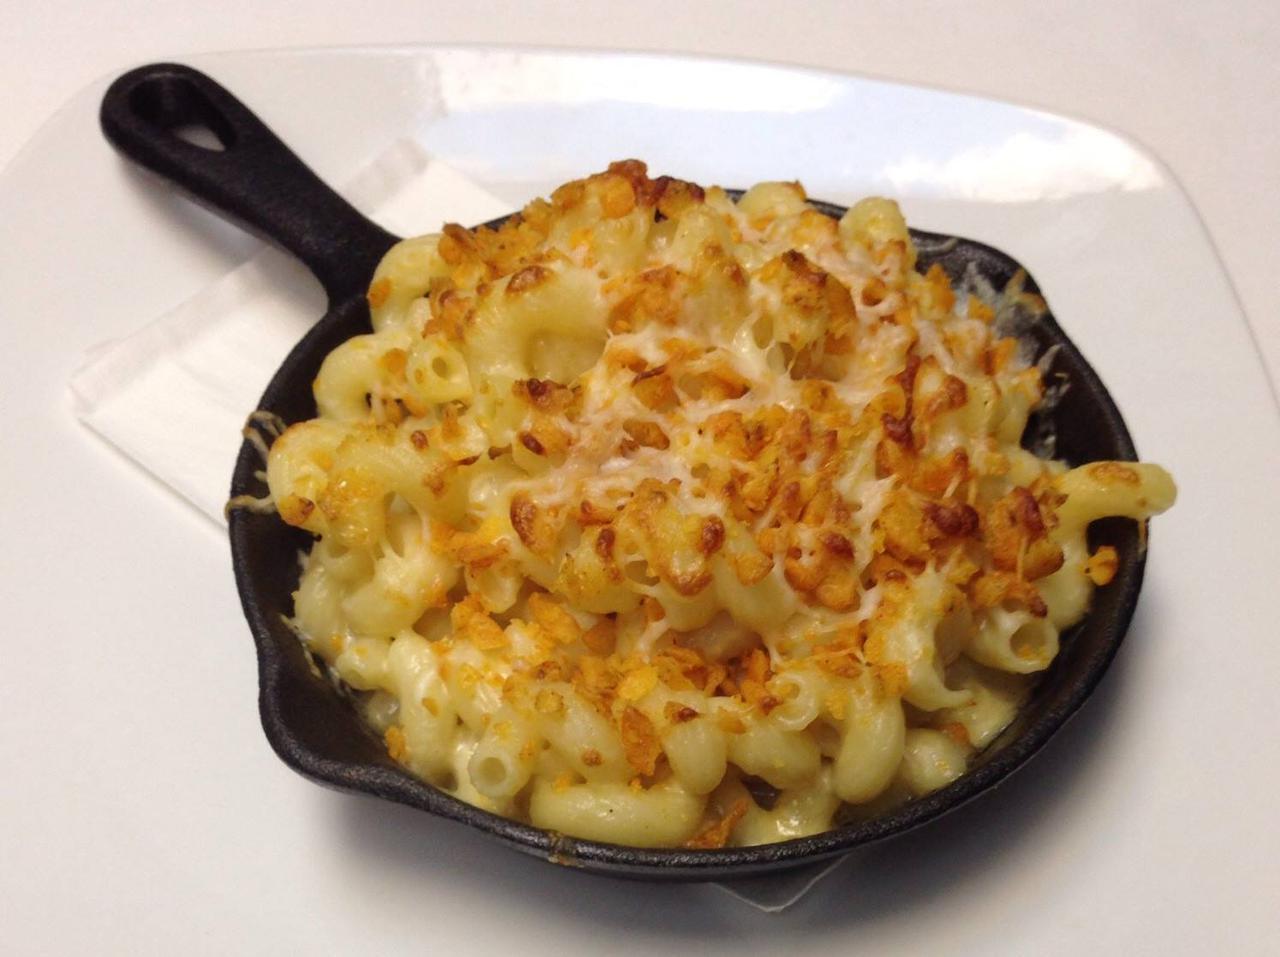 website-review-images/mac n cheese.jpg